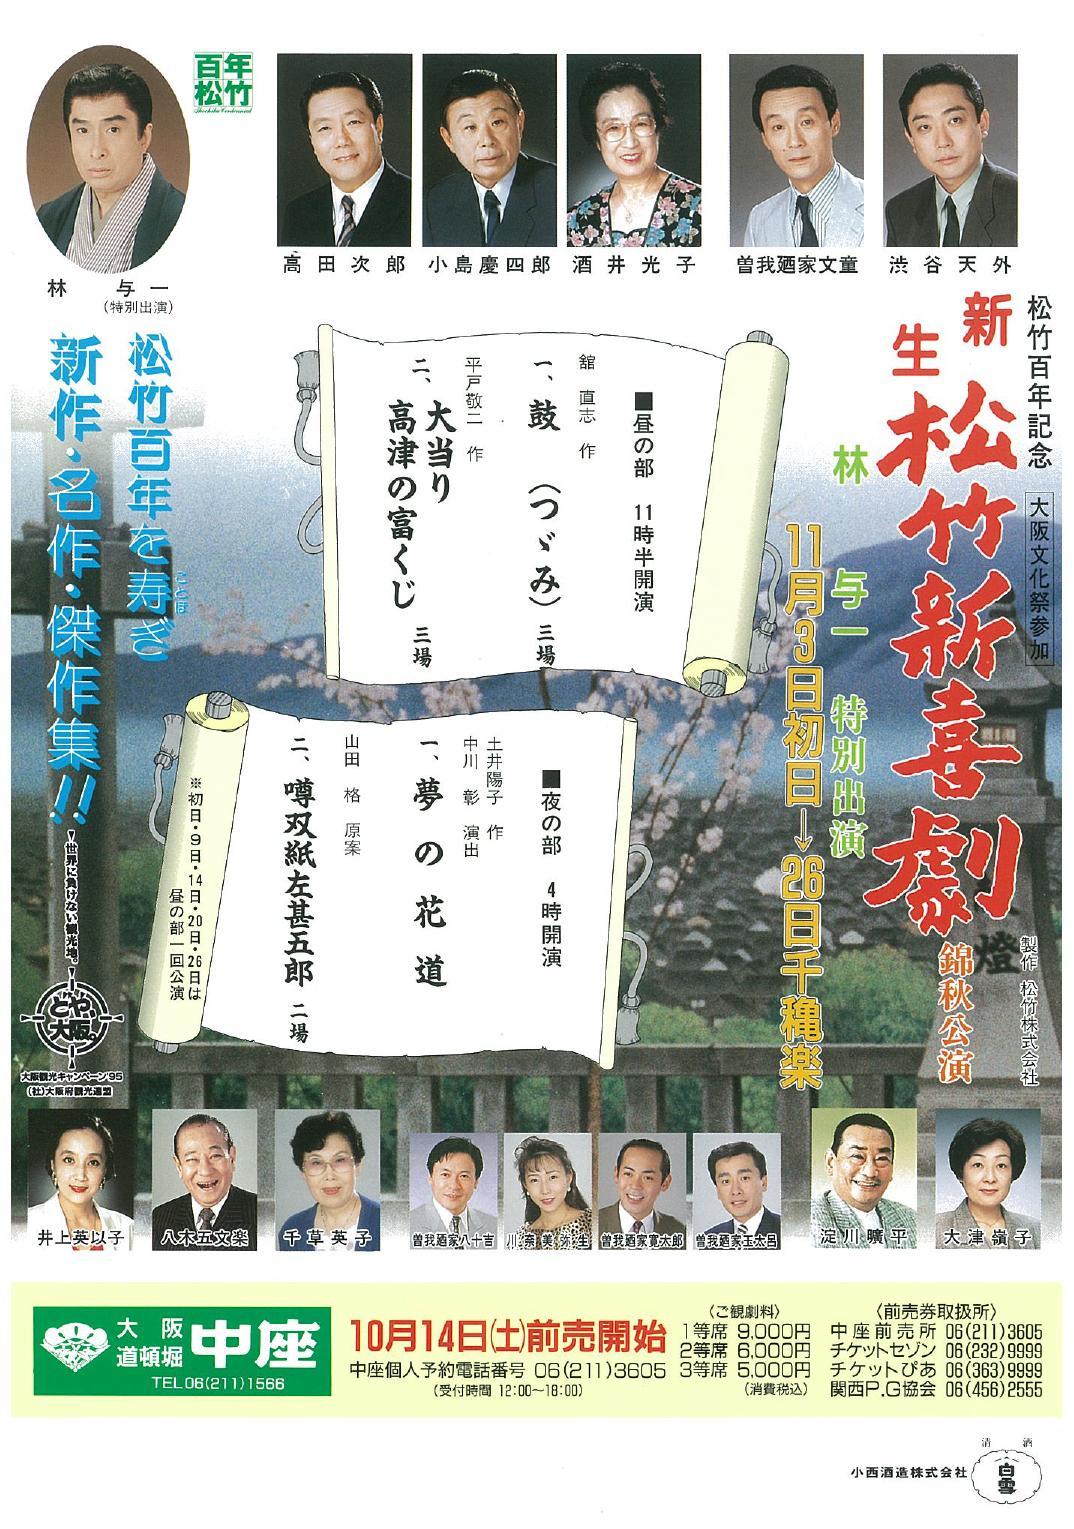 【中座】新生松竹新喜劇 錦秋公演